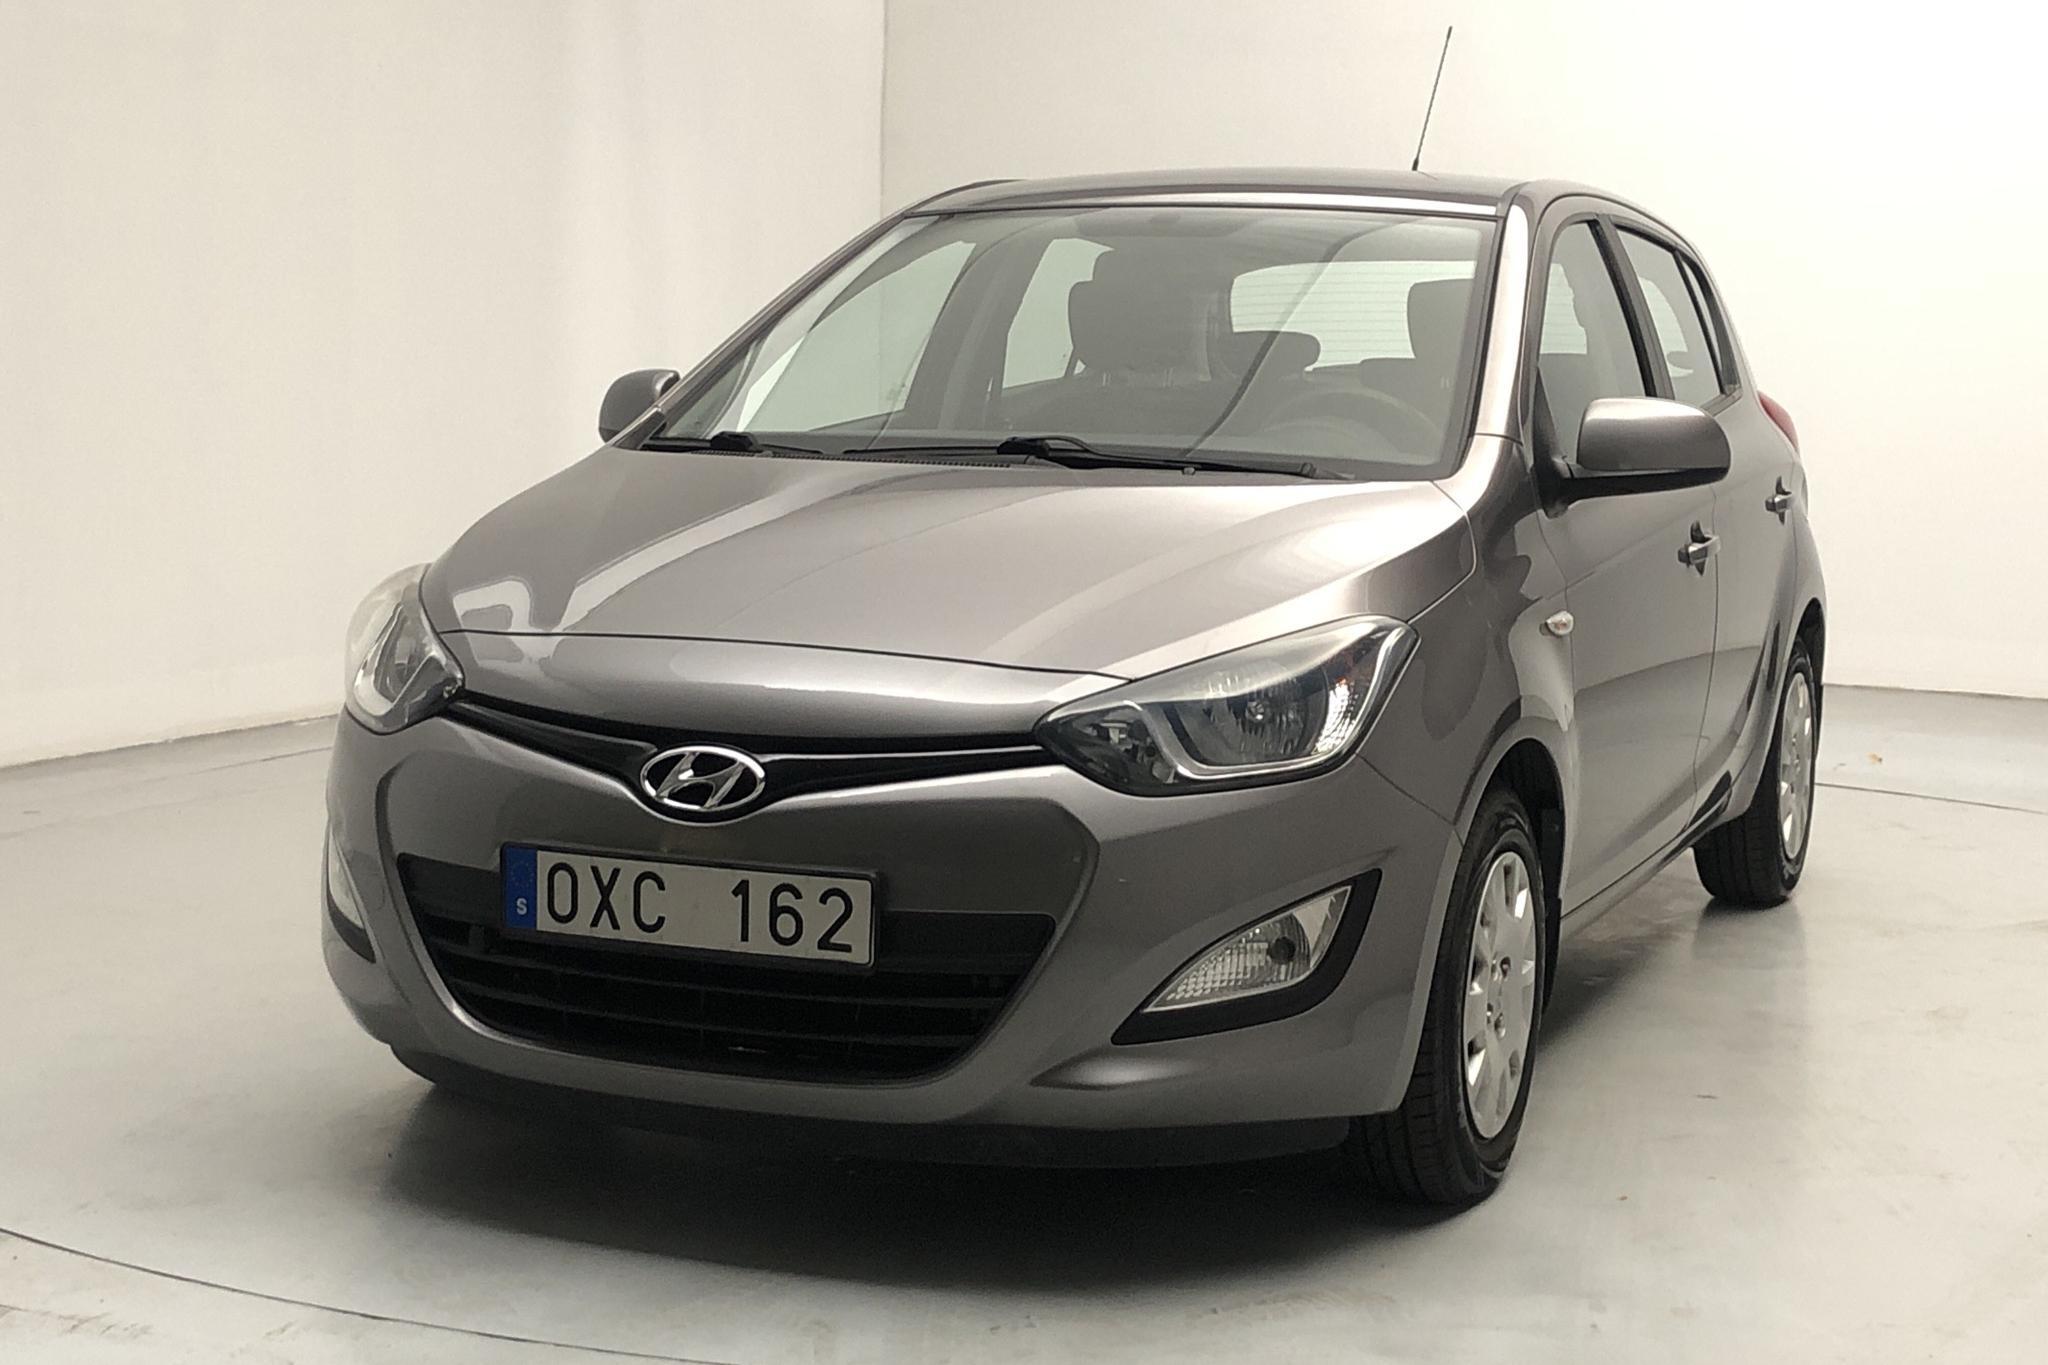 Hyundai i20 1.2 (85hk) - 3 853 mil - Manuell - Dark Grey - 2013